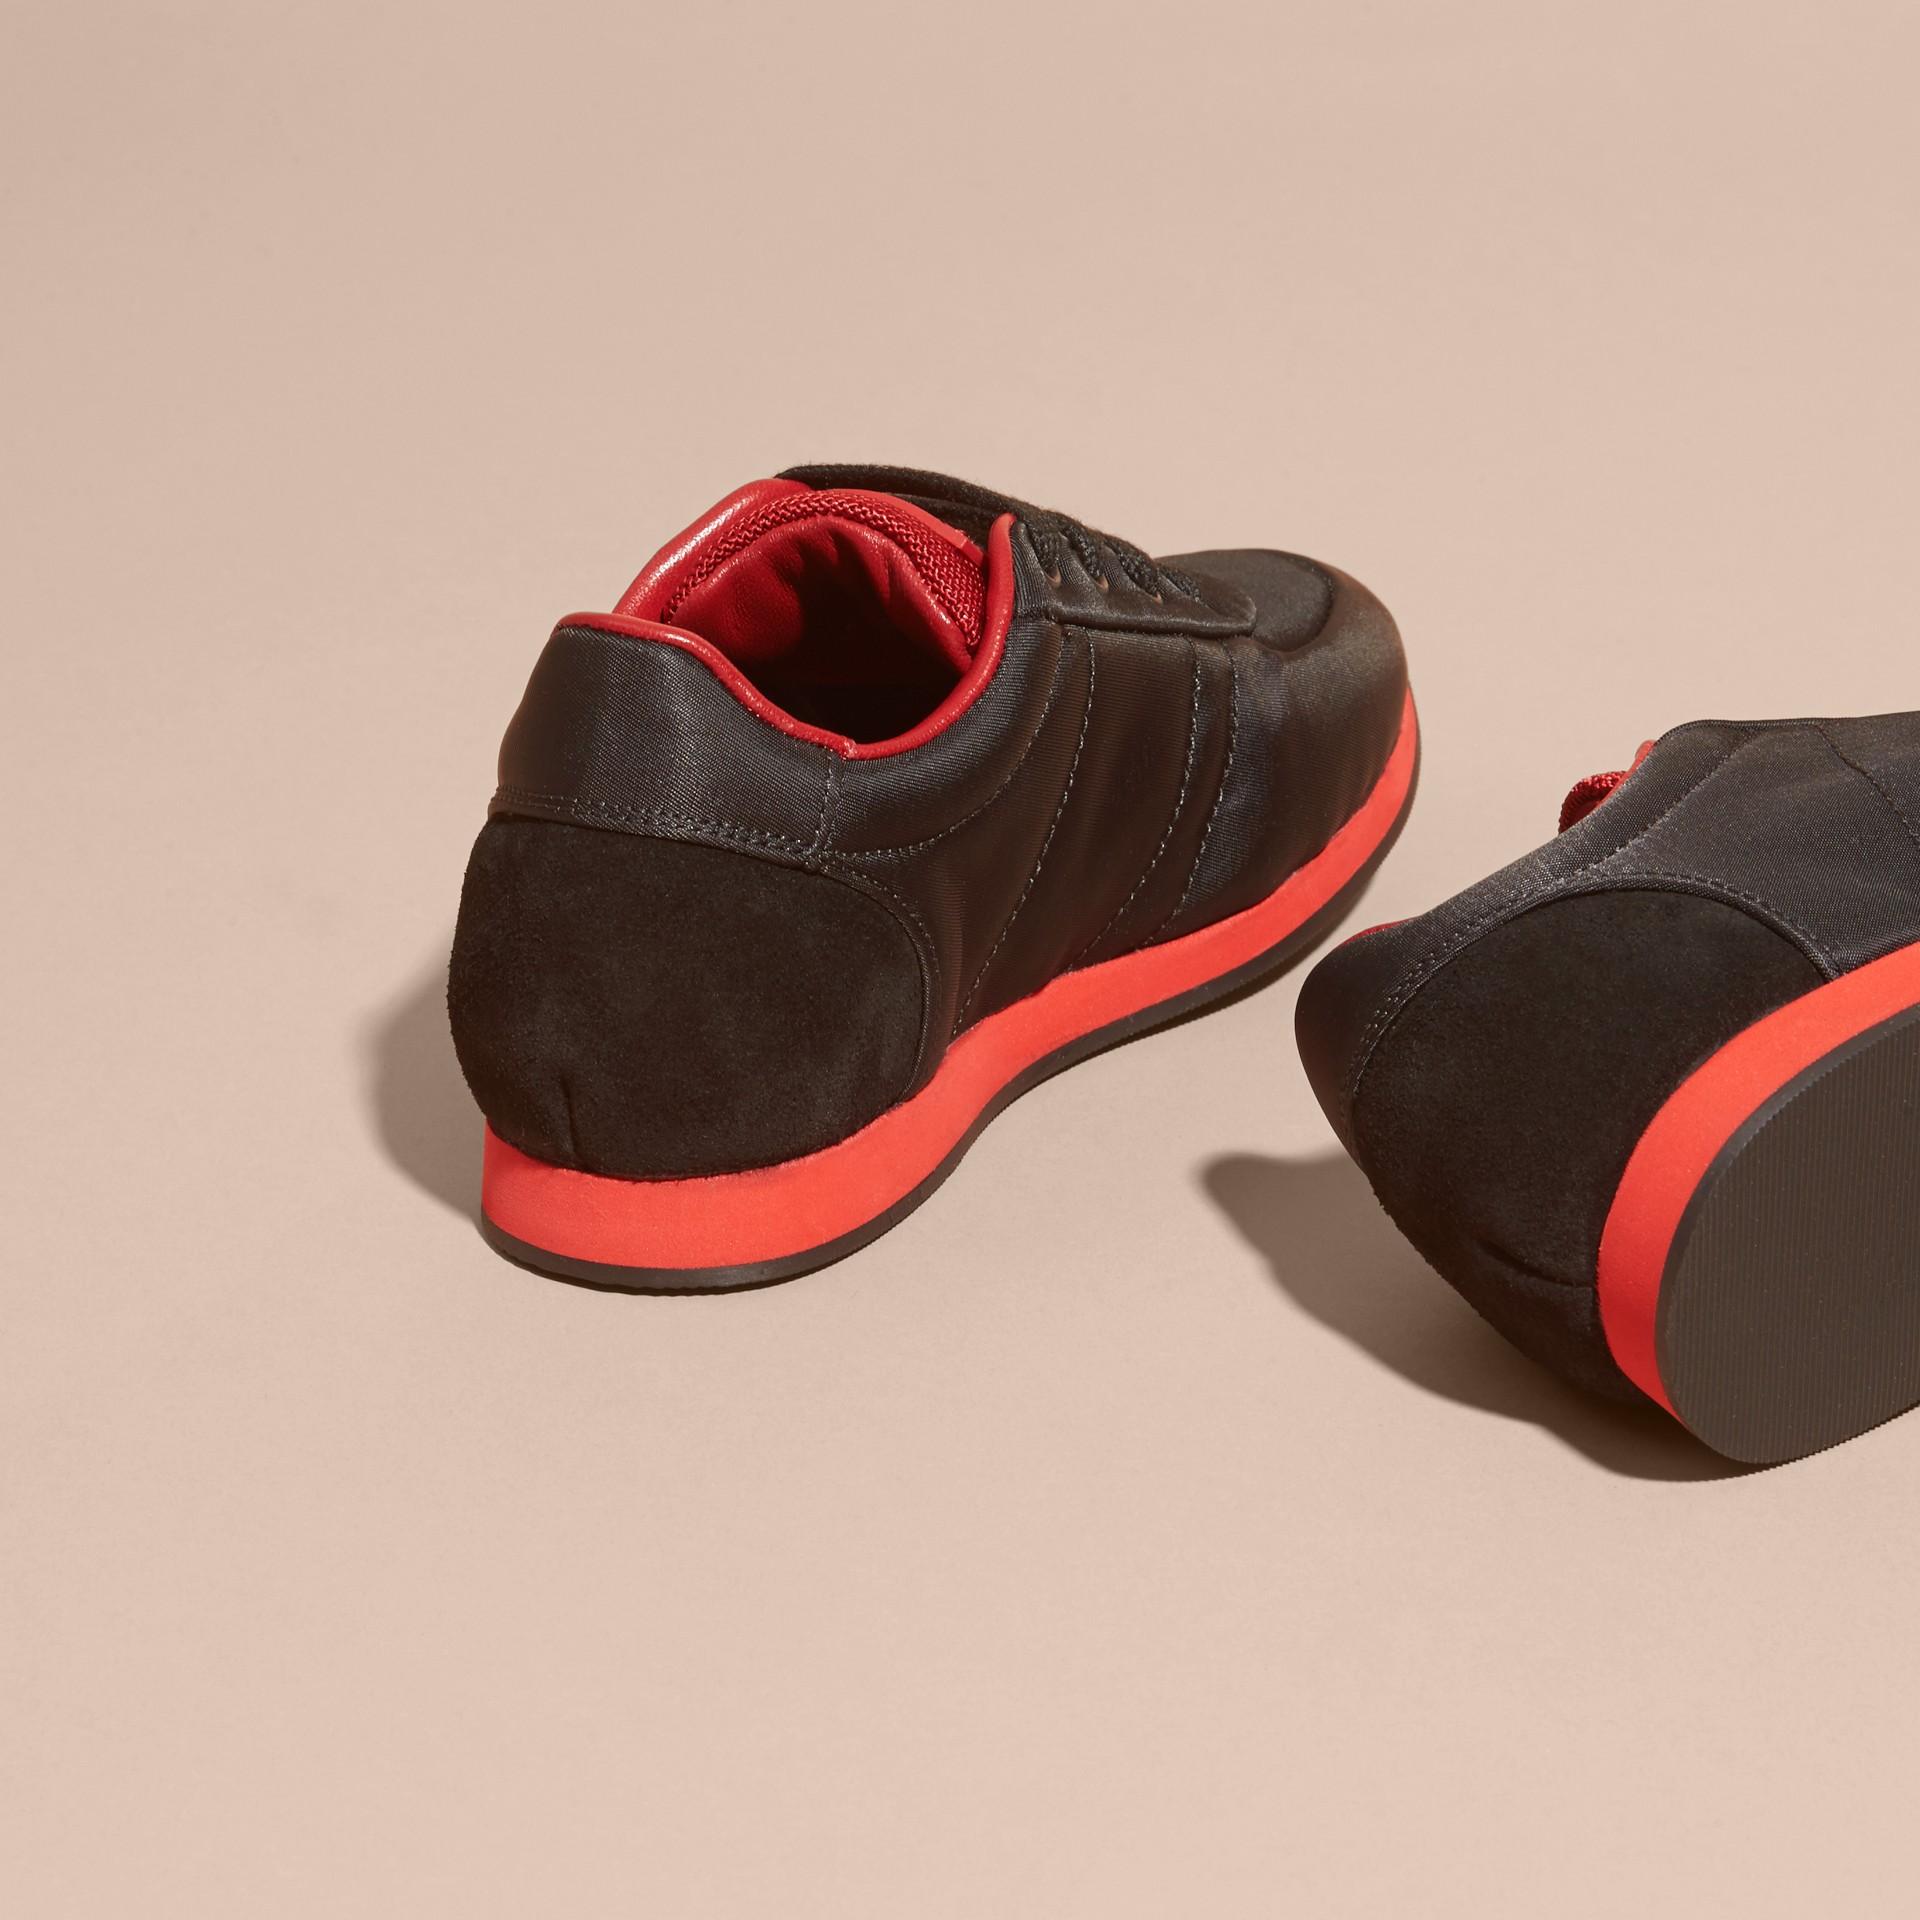 Negro/rojo militar Zapatillas deportivas en piel y raso con franjas de colores Negro/rojo Militar - imagen de la galería 4